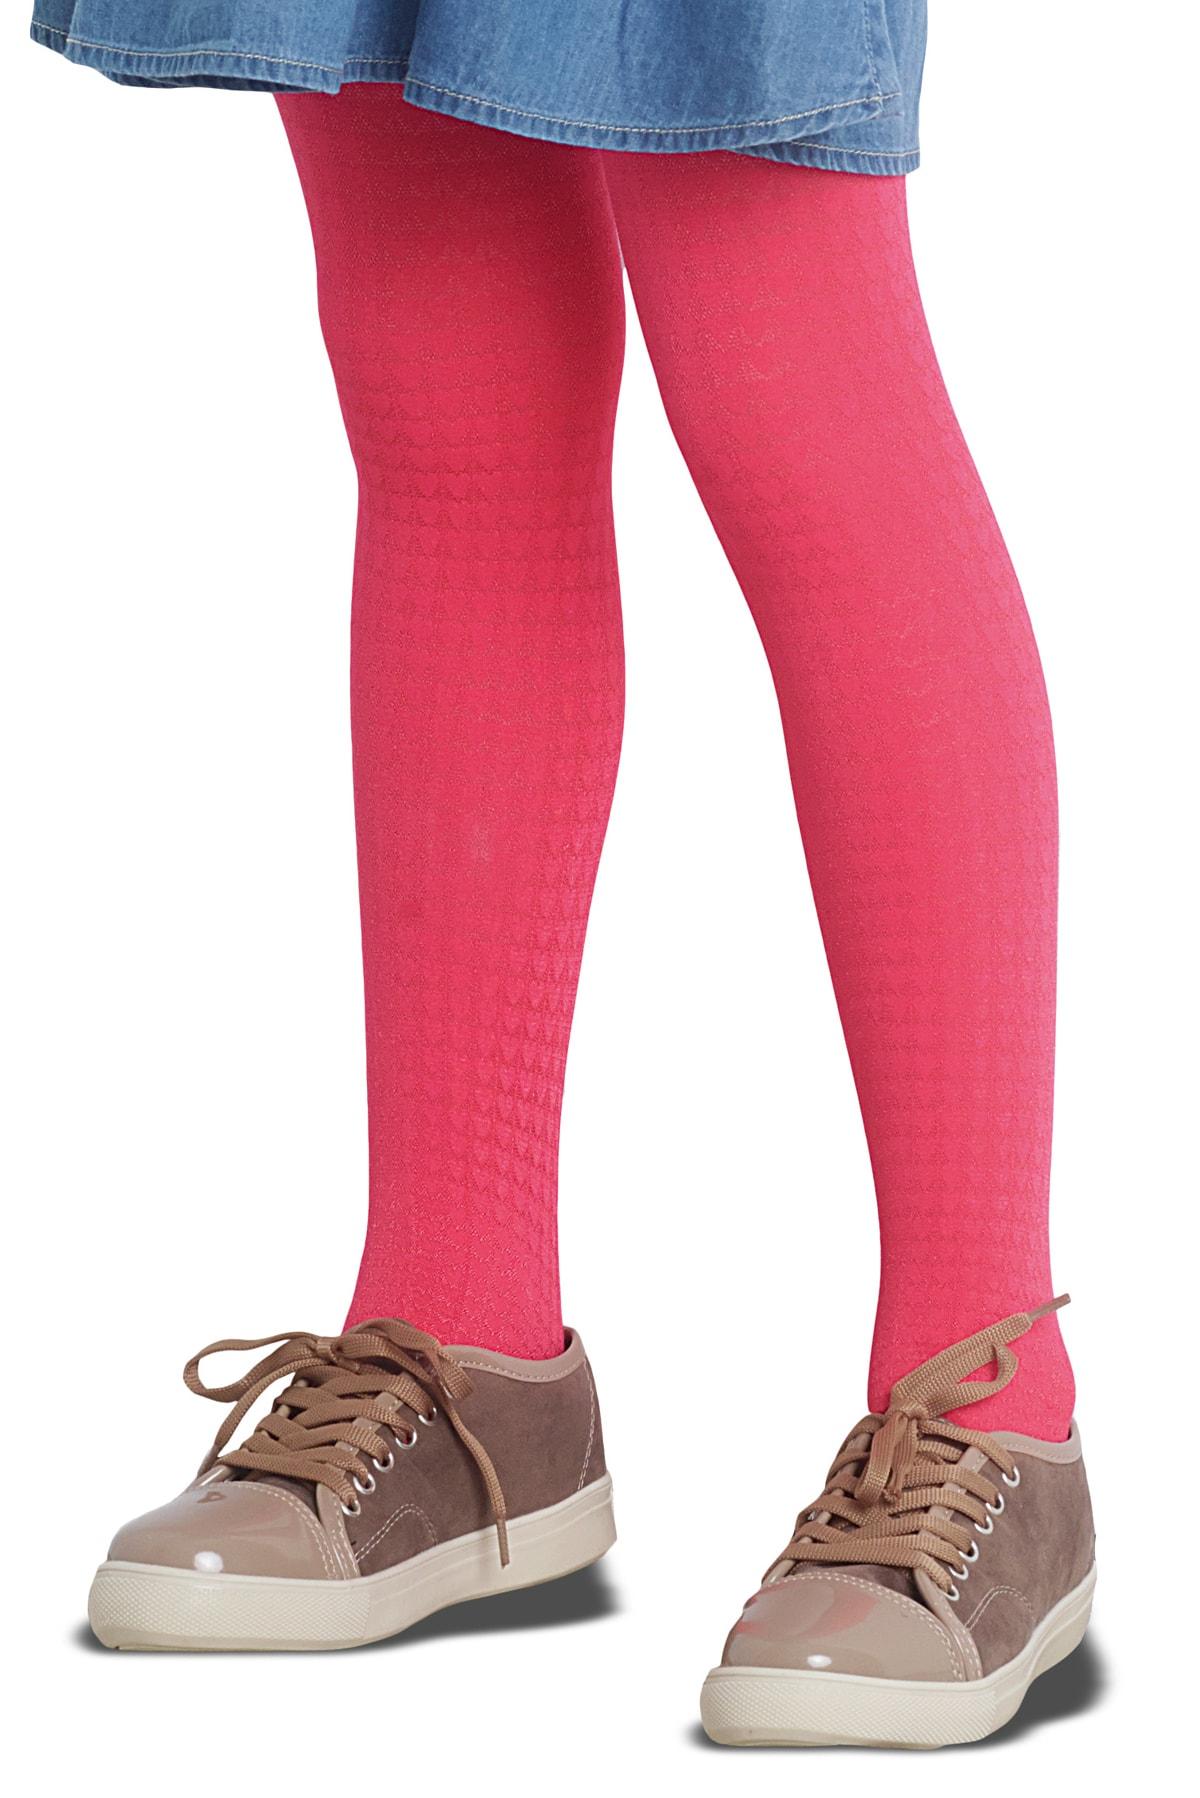 پنتی | Penti - جوراب شلواری دخترانه طرح Amore رنگ گلبهی